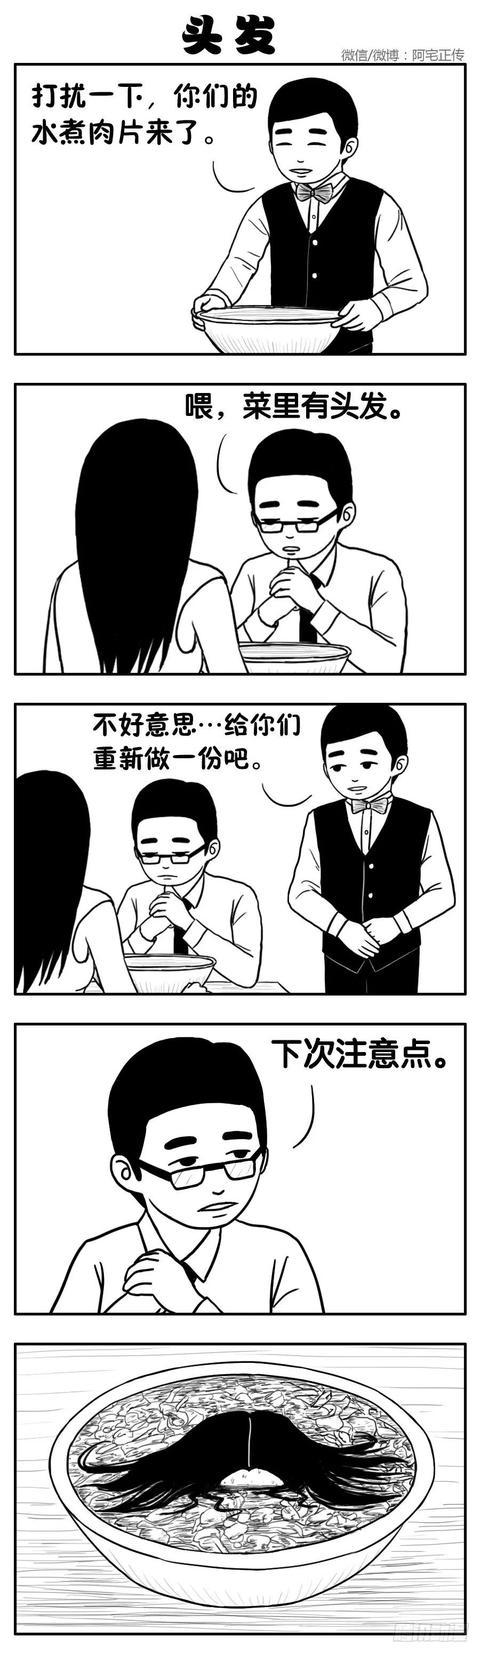 日本工之口漫画,一大波重口小漫画来袭